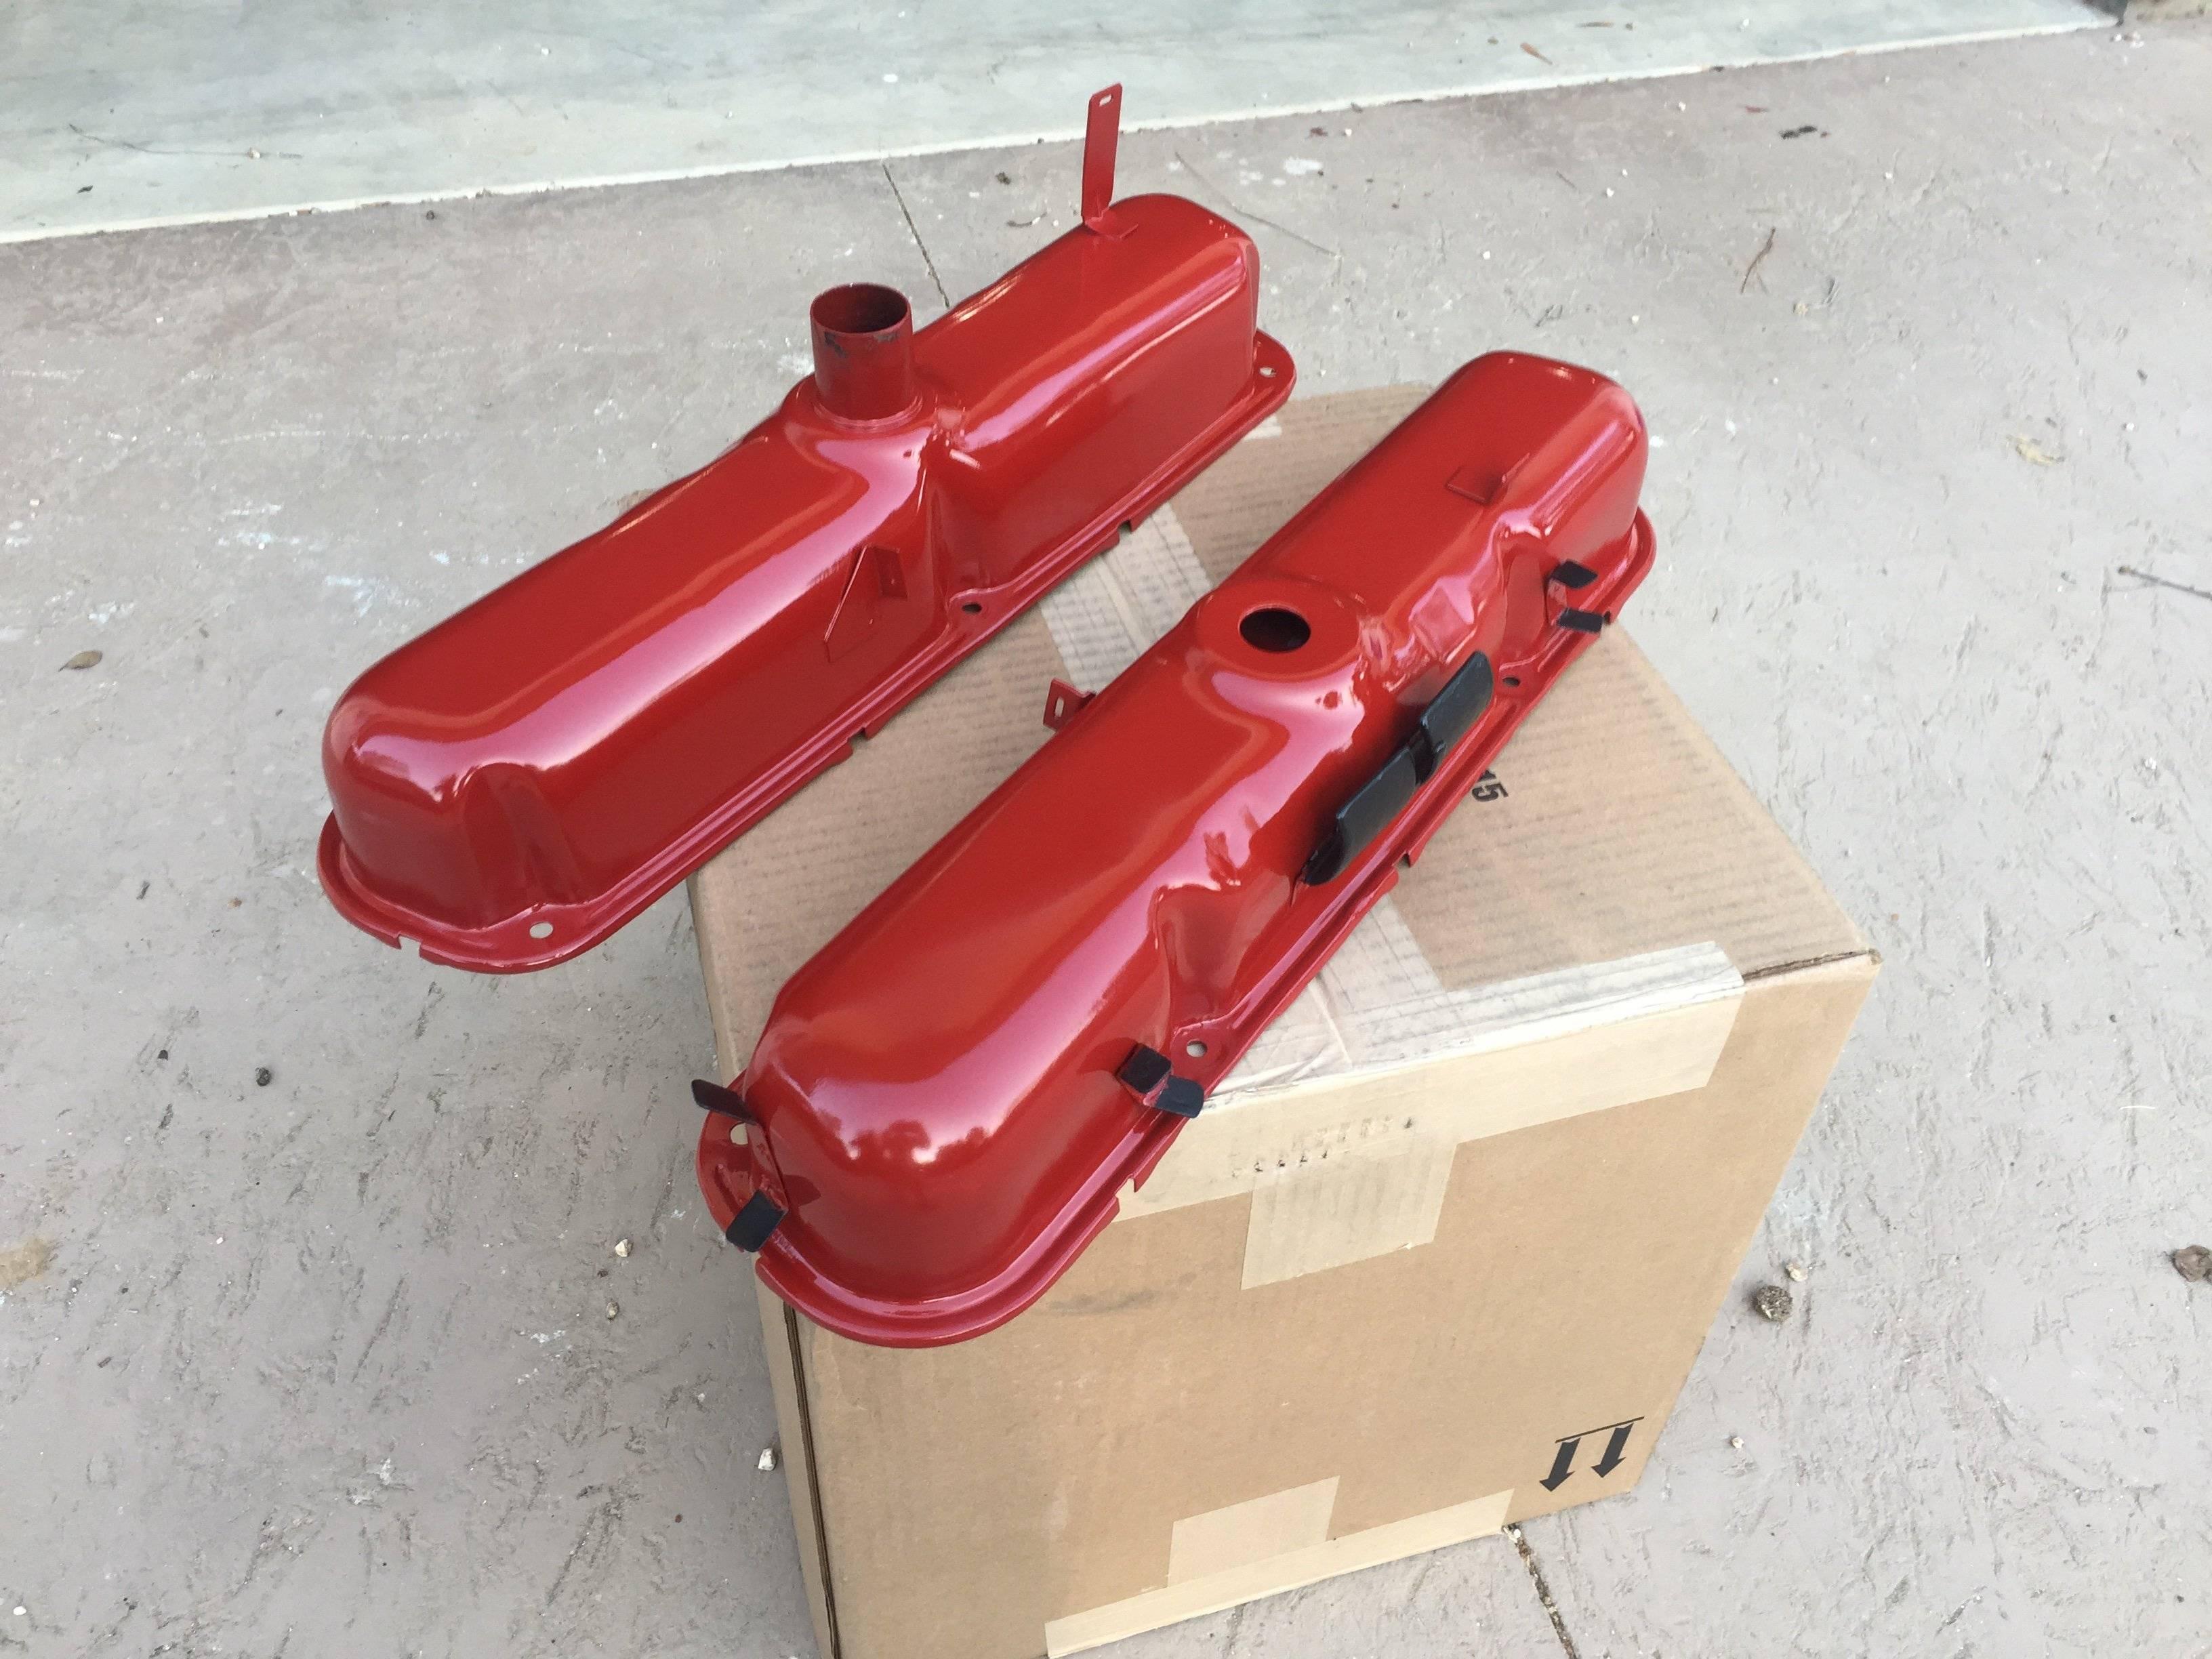 7DF8A66A-F20A-481B-A9AC-4649E07FDFBE.jpeg